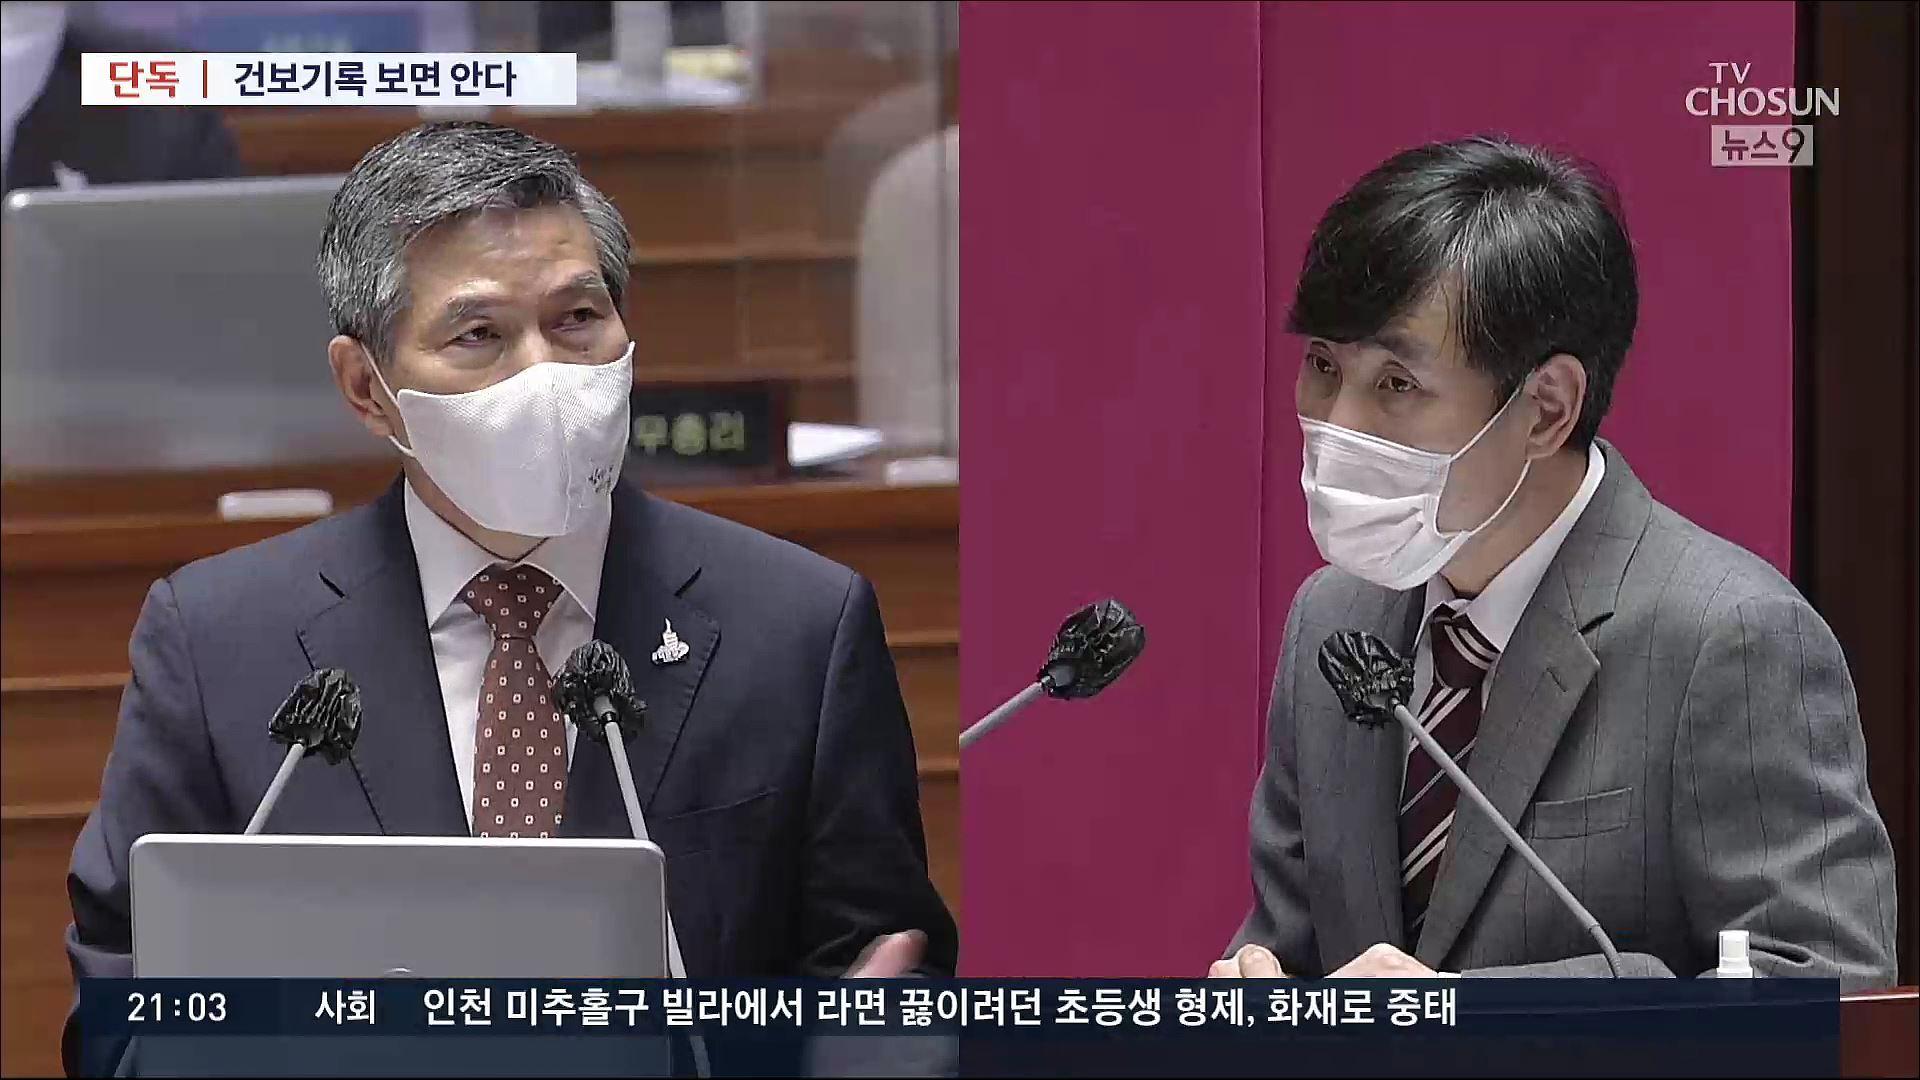 [단독] 秋아들 '특혜 병가' 스모킹건, 국방부에 있다…건보 '청구서'